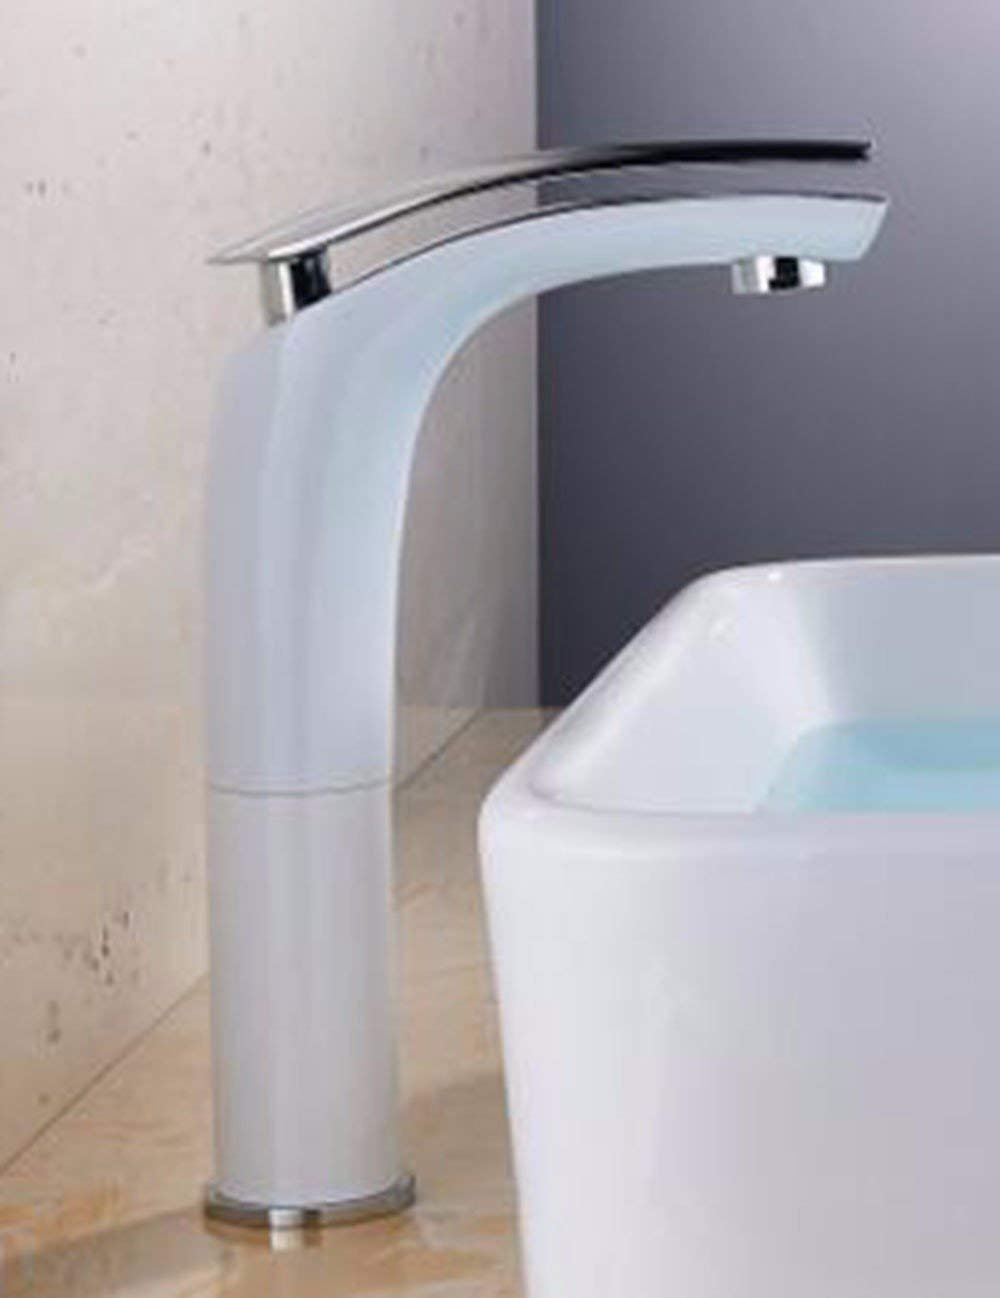 JingJingnet 洗面台の蛇口タップ浴室のシンクの蛇口あなたの顔を洗う洗面台の浴室用キャビネットの真鍮の蛇口を洗う、白い表面の洗面台の蛇口、さらにハイペイントの洗面台の蛇口 (Color : F) B07S3SSMWC F